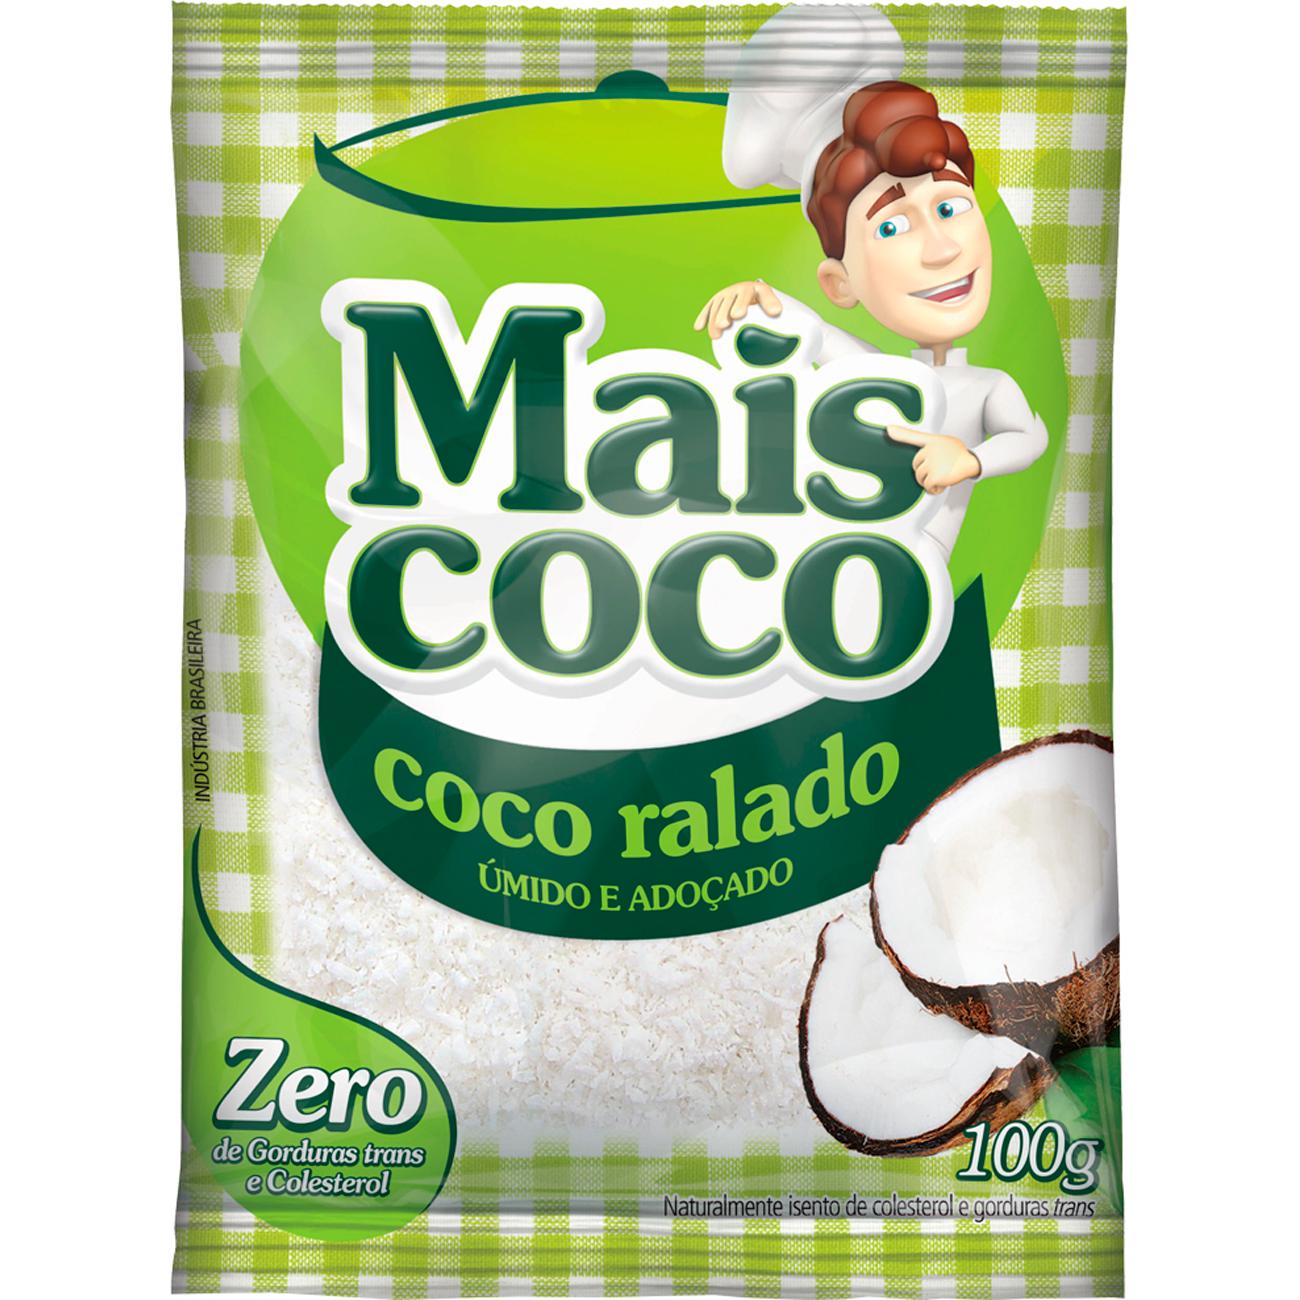 Coco Ralado Mais Coco Umido E Adocado 100G